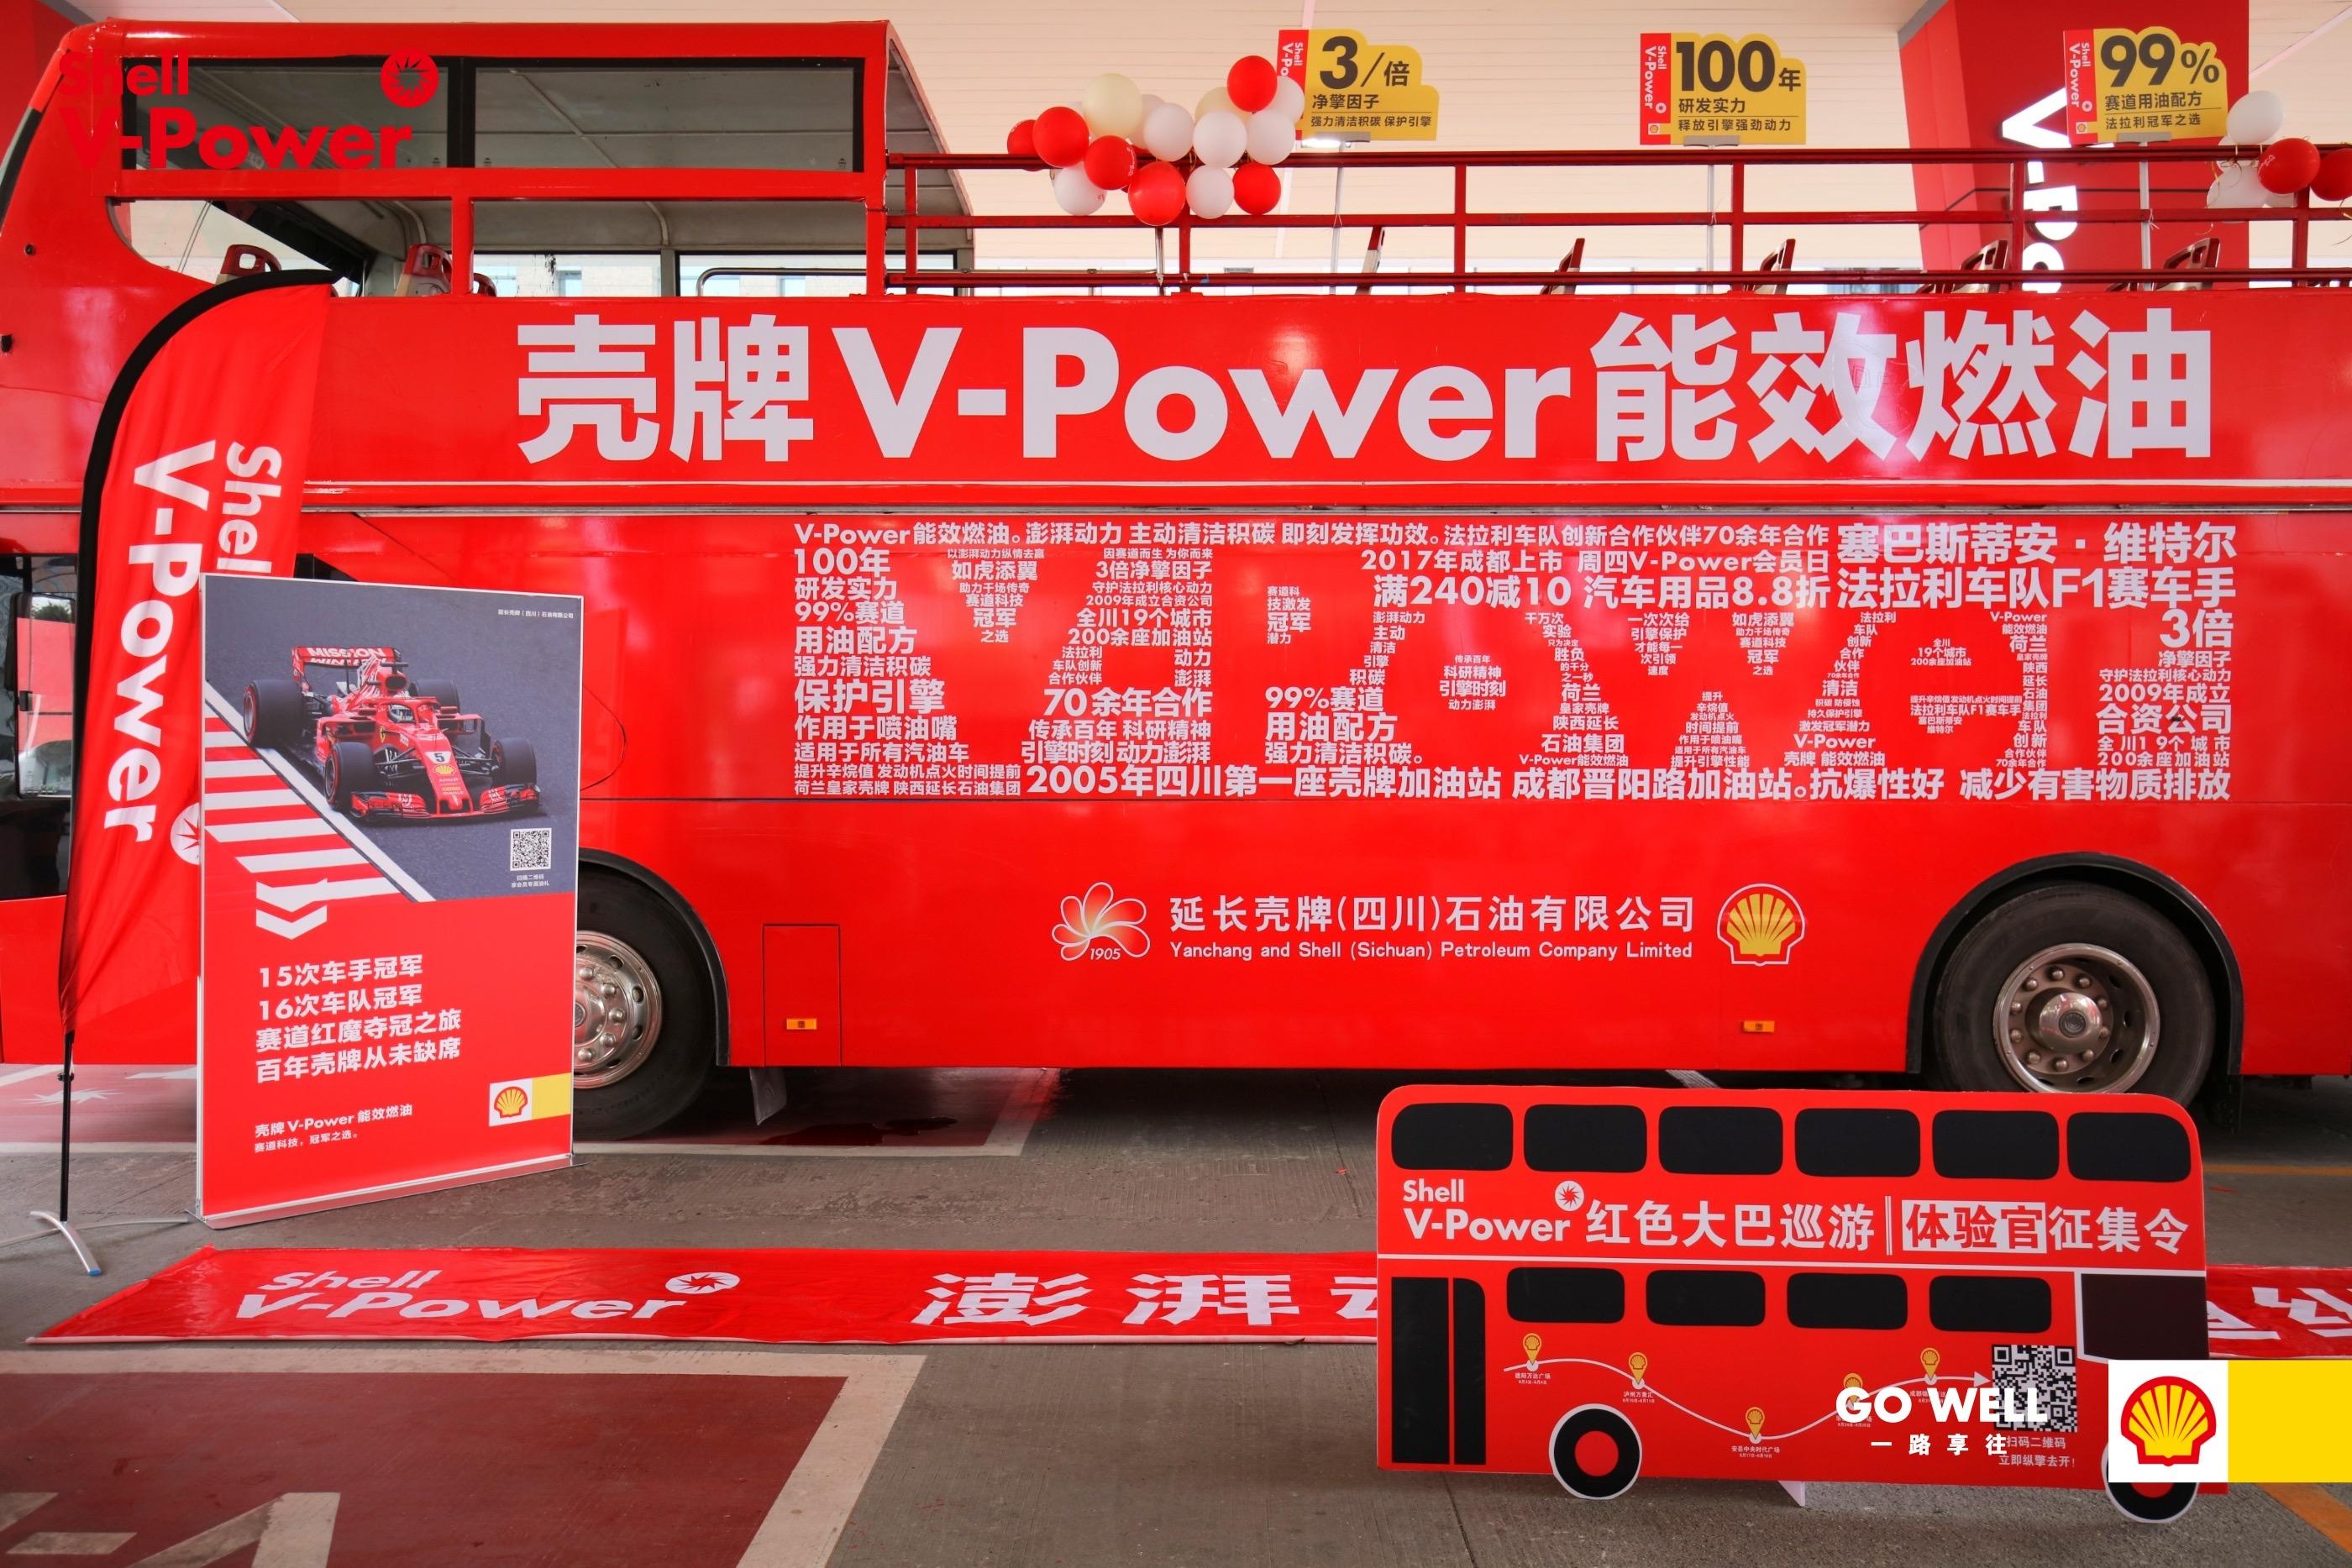 壳牌V-Power | 澎拜动力 蜀道纵擎